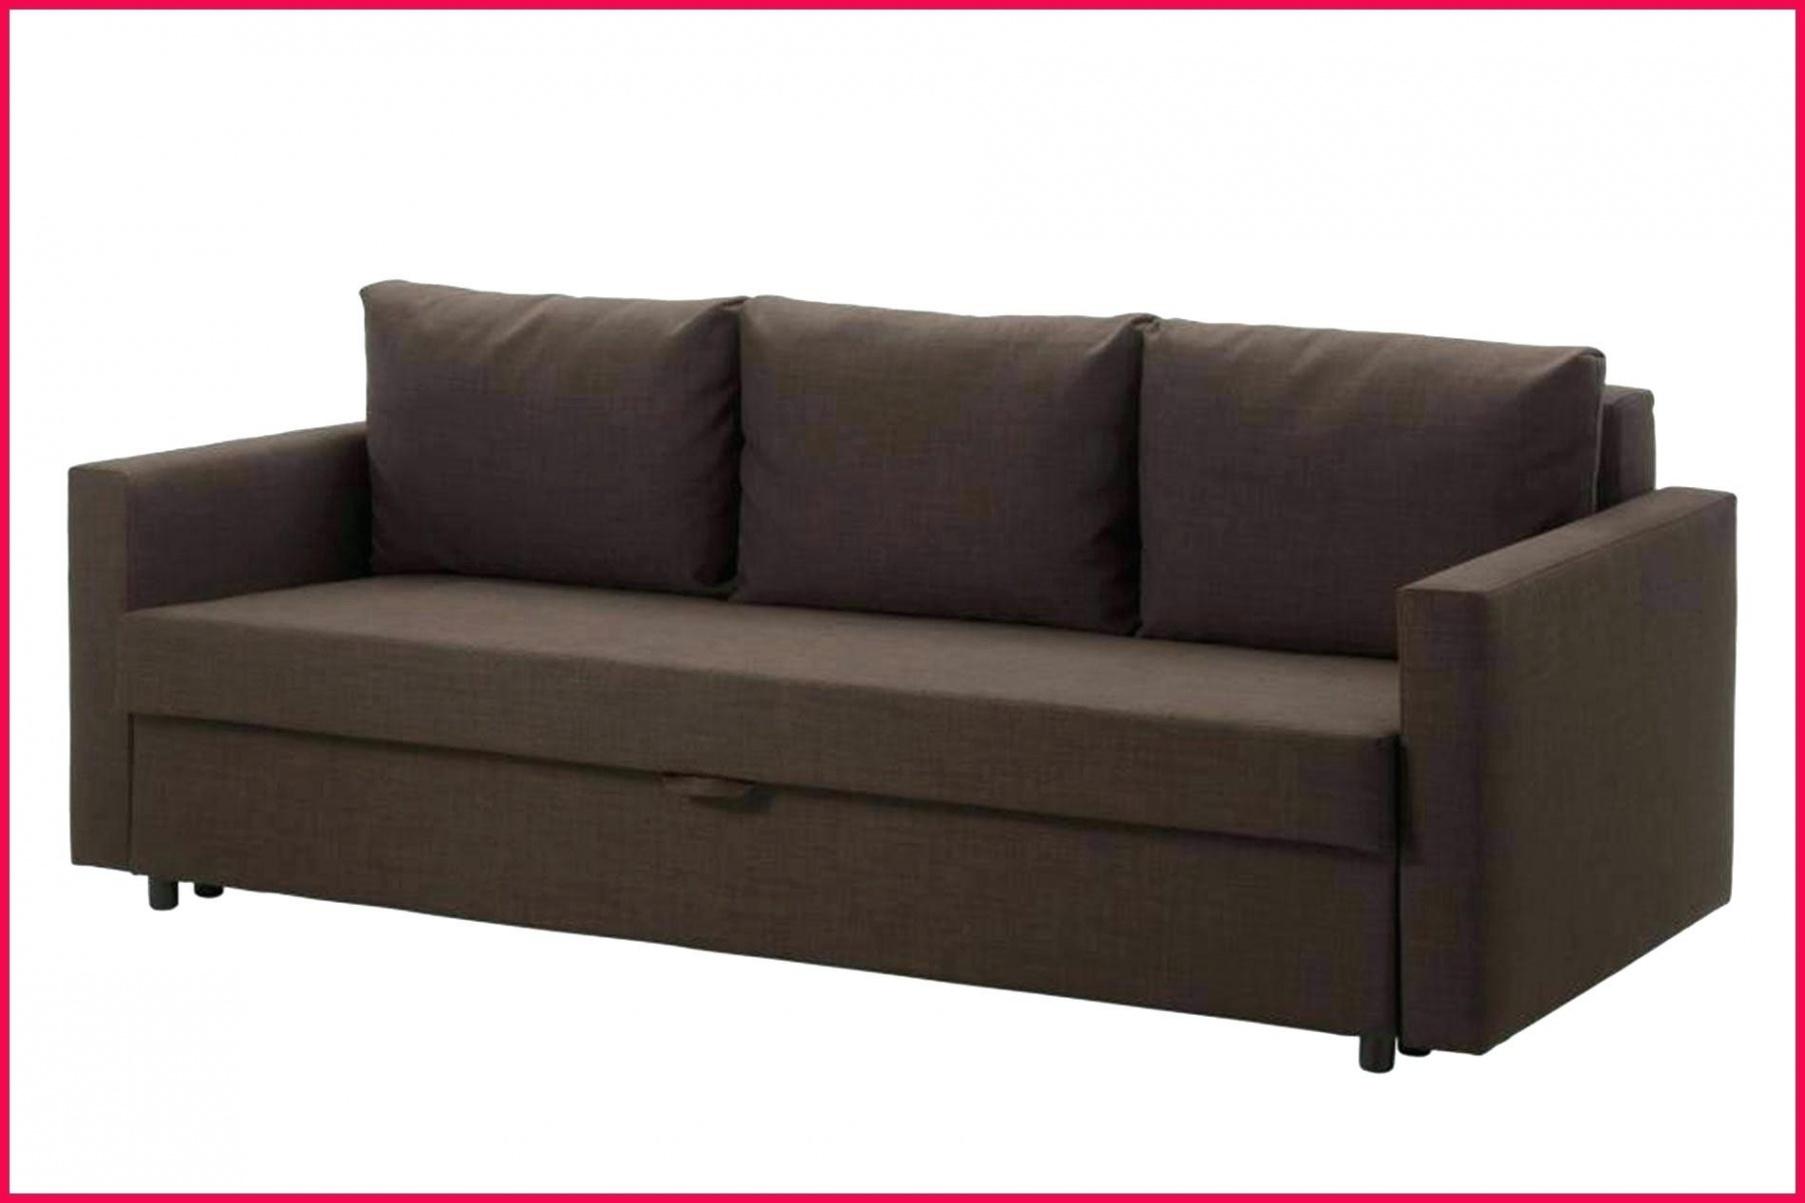 Canapé D Angle Ikea Convertible Meilleur De Photographie Canapé 3 Places Cuir — Laguerredesmots